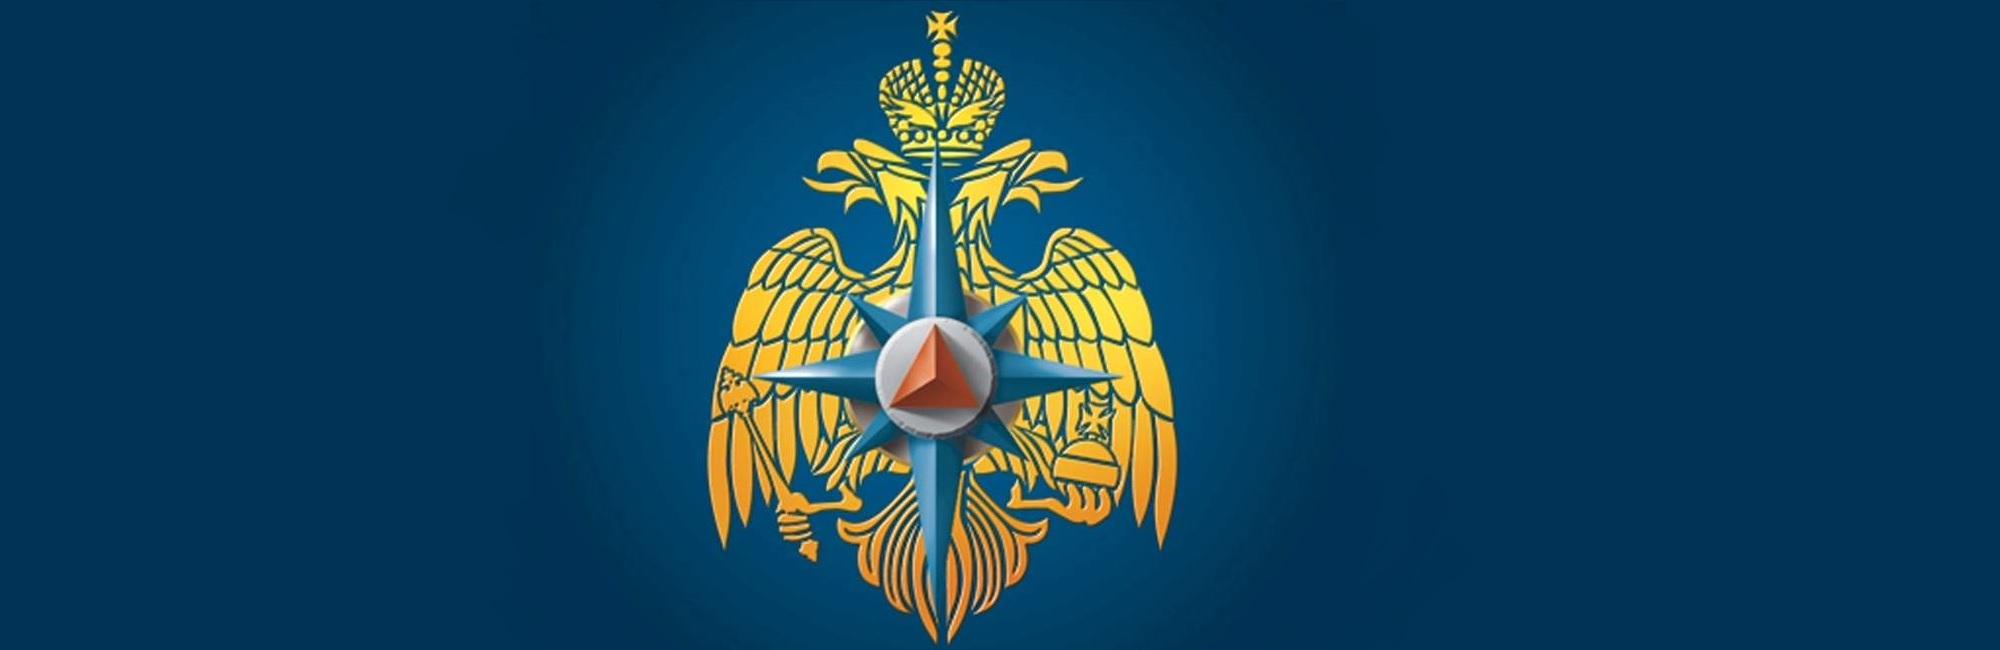 Вакансии МЧС России